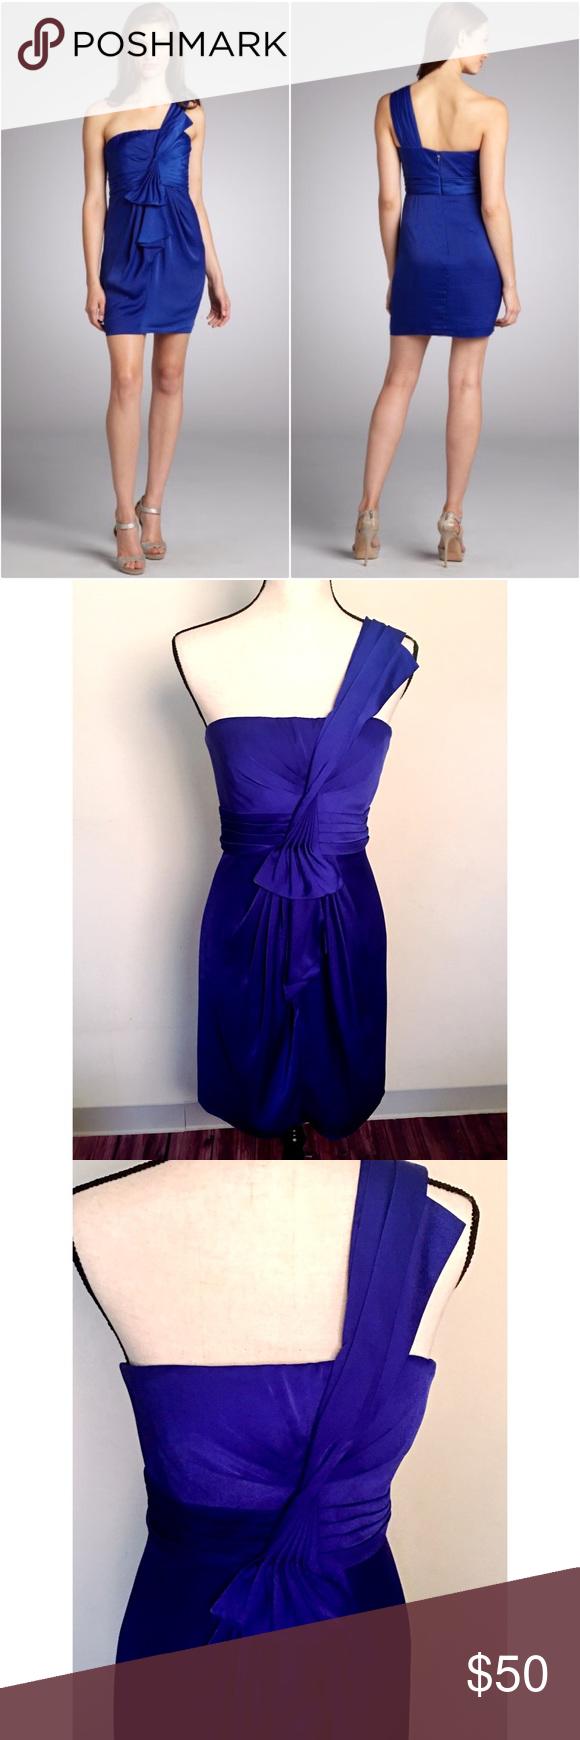 🎉Sale🎉 NWOT BCBG Palais Cocktail Dress